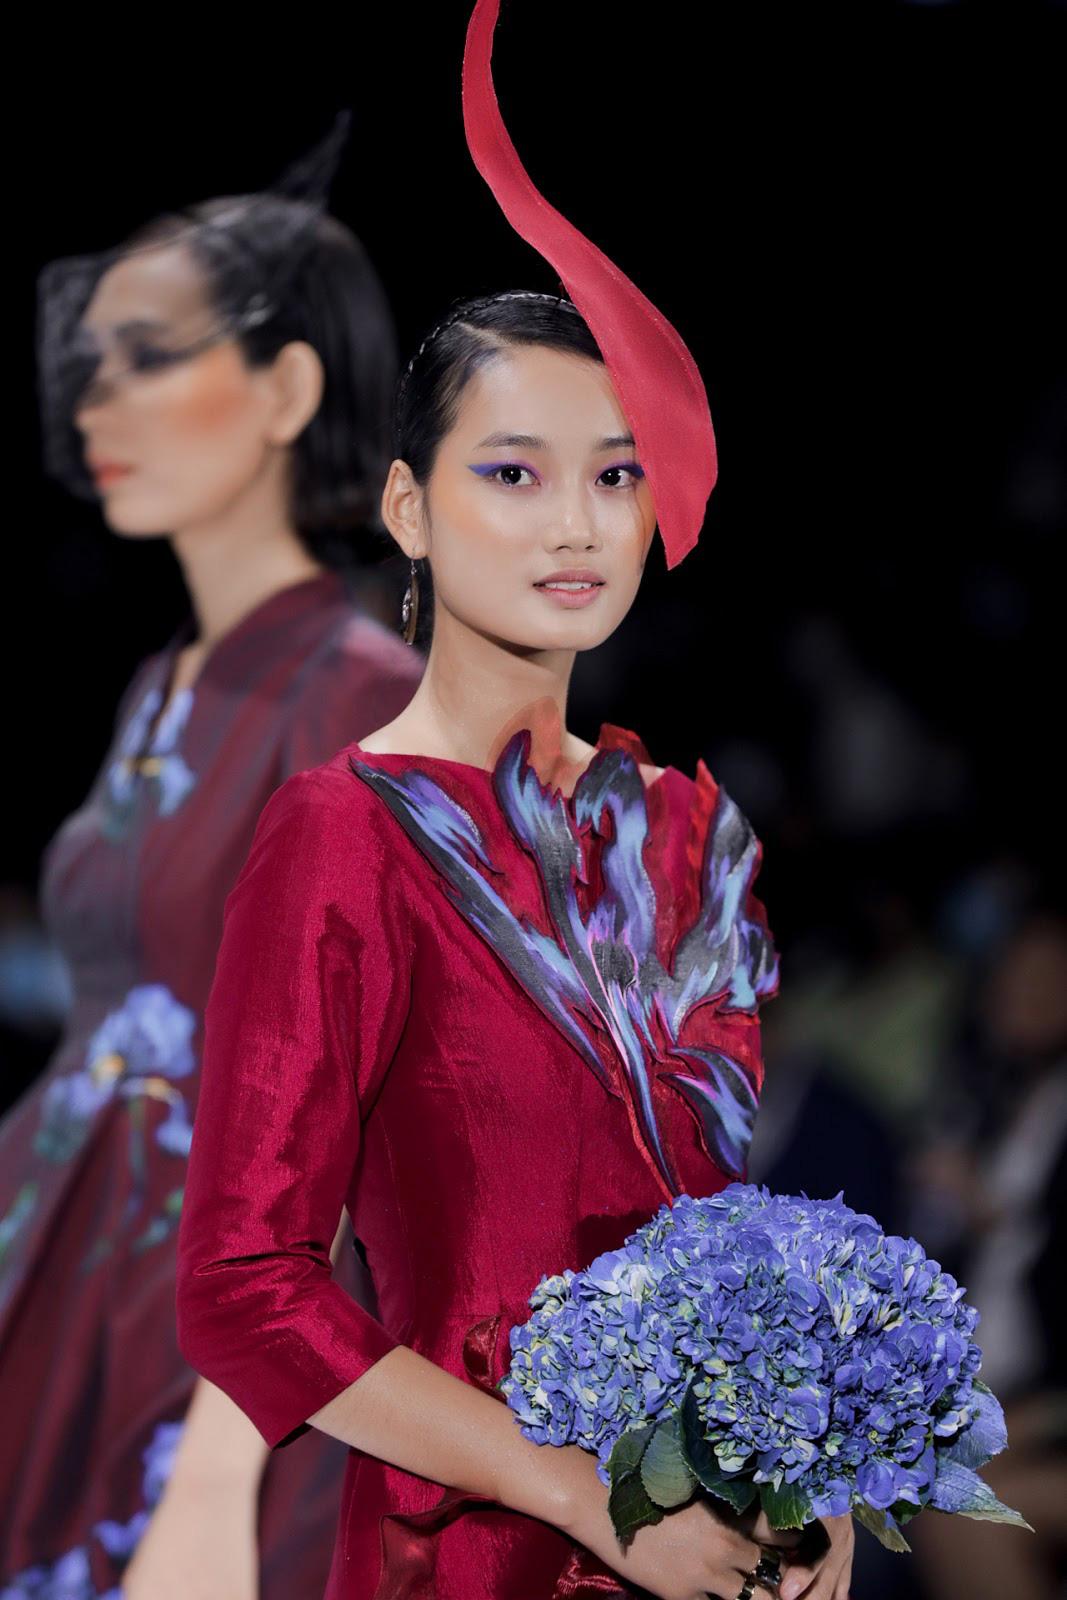 Mỹ miều và kiêu sa, Quỳnh Anh - Á quân The Face Vietnam 2018 hóa thân thành 'nàng thơ' trang nhã, yểu điệu và thanh tao trong bộ áo dài cách điệu thướt tha được đầu tư công phu và lộng lẫy nhất